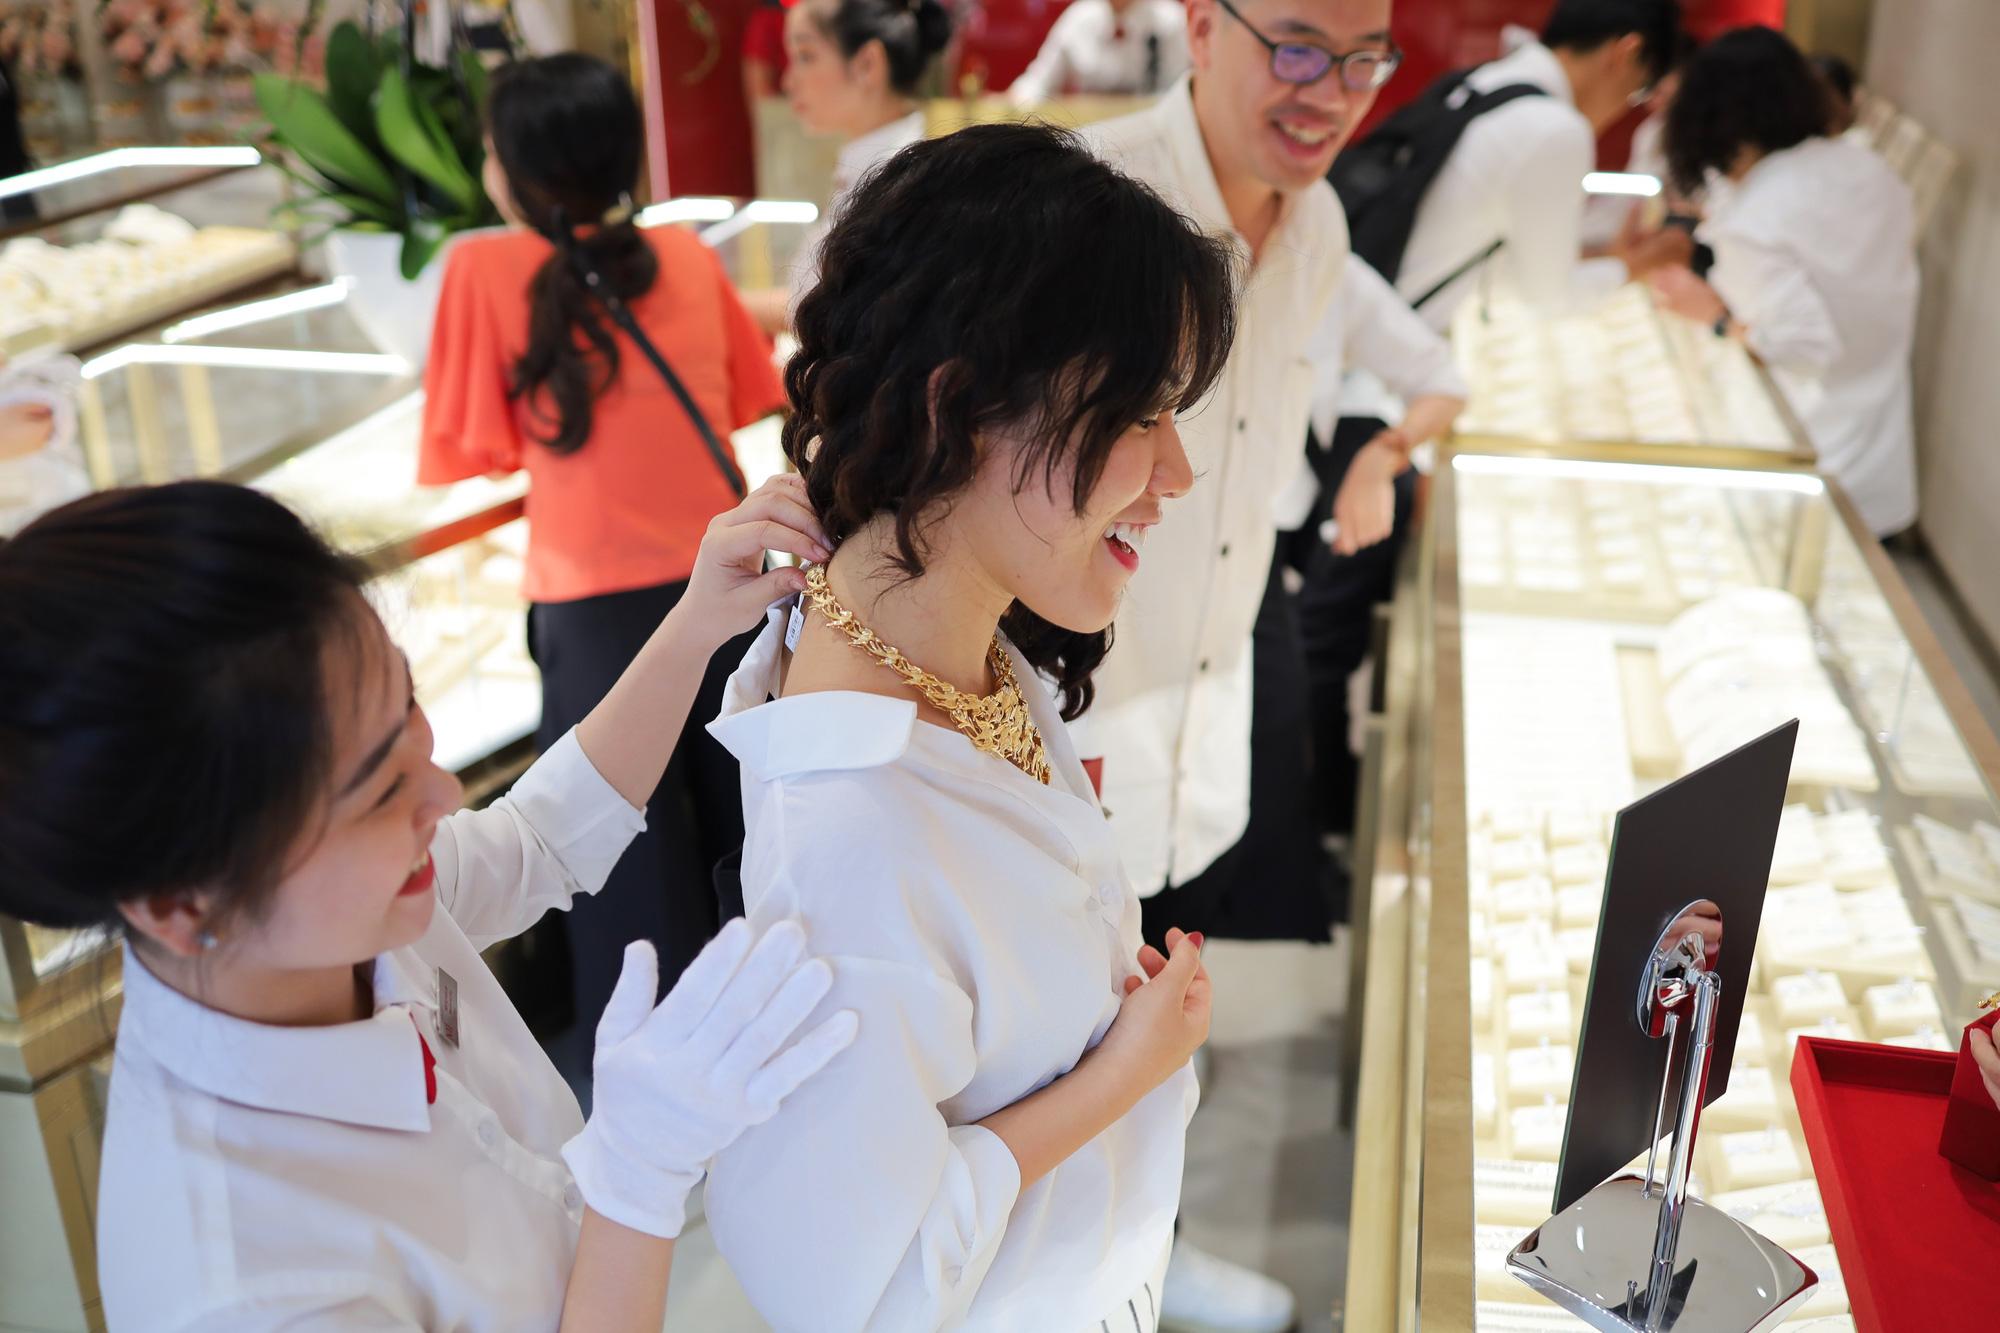 Các tín đồ trang sức háo hức check-in không gian mua sắm khác biệt tại NTJ Shophouse Cần Thơ - Ảnh 4.